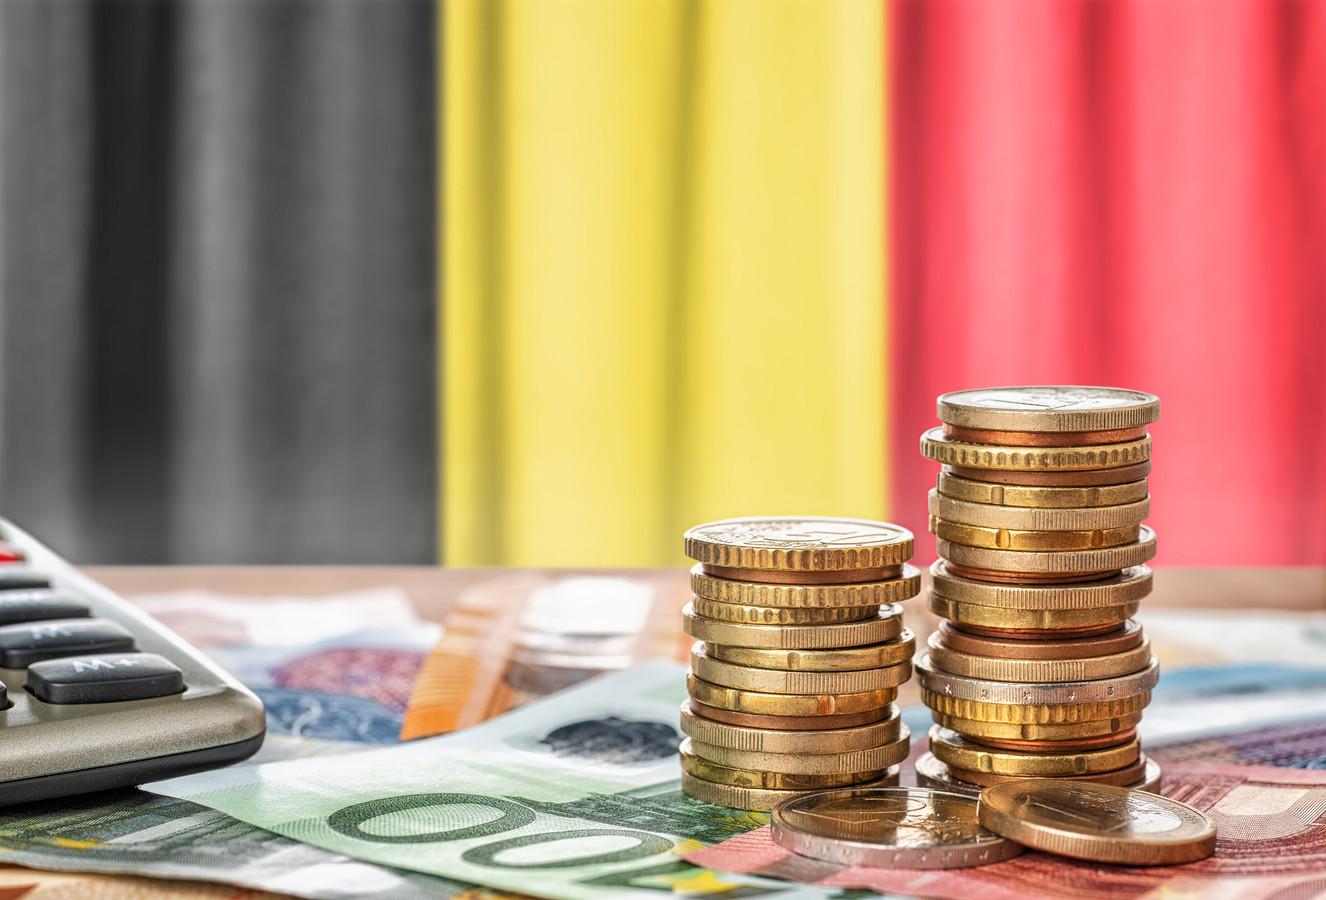 Le PIB de la Belgique pourrait s'effondrer de 7,81% à 11,22% en 2020, selon un économiste.